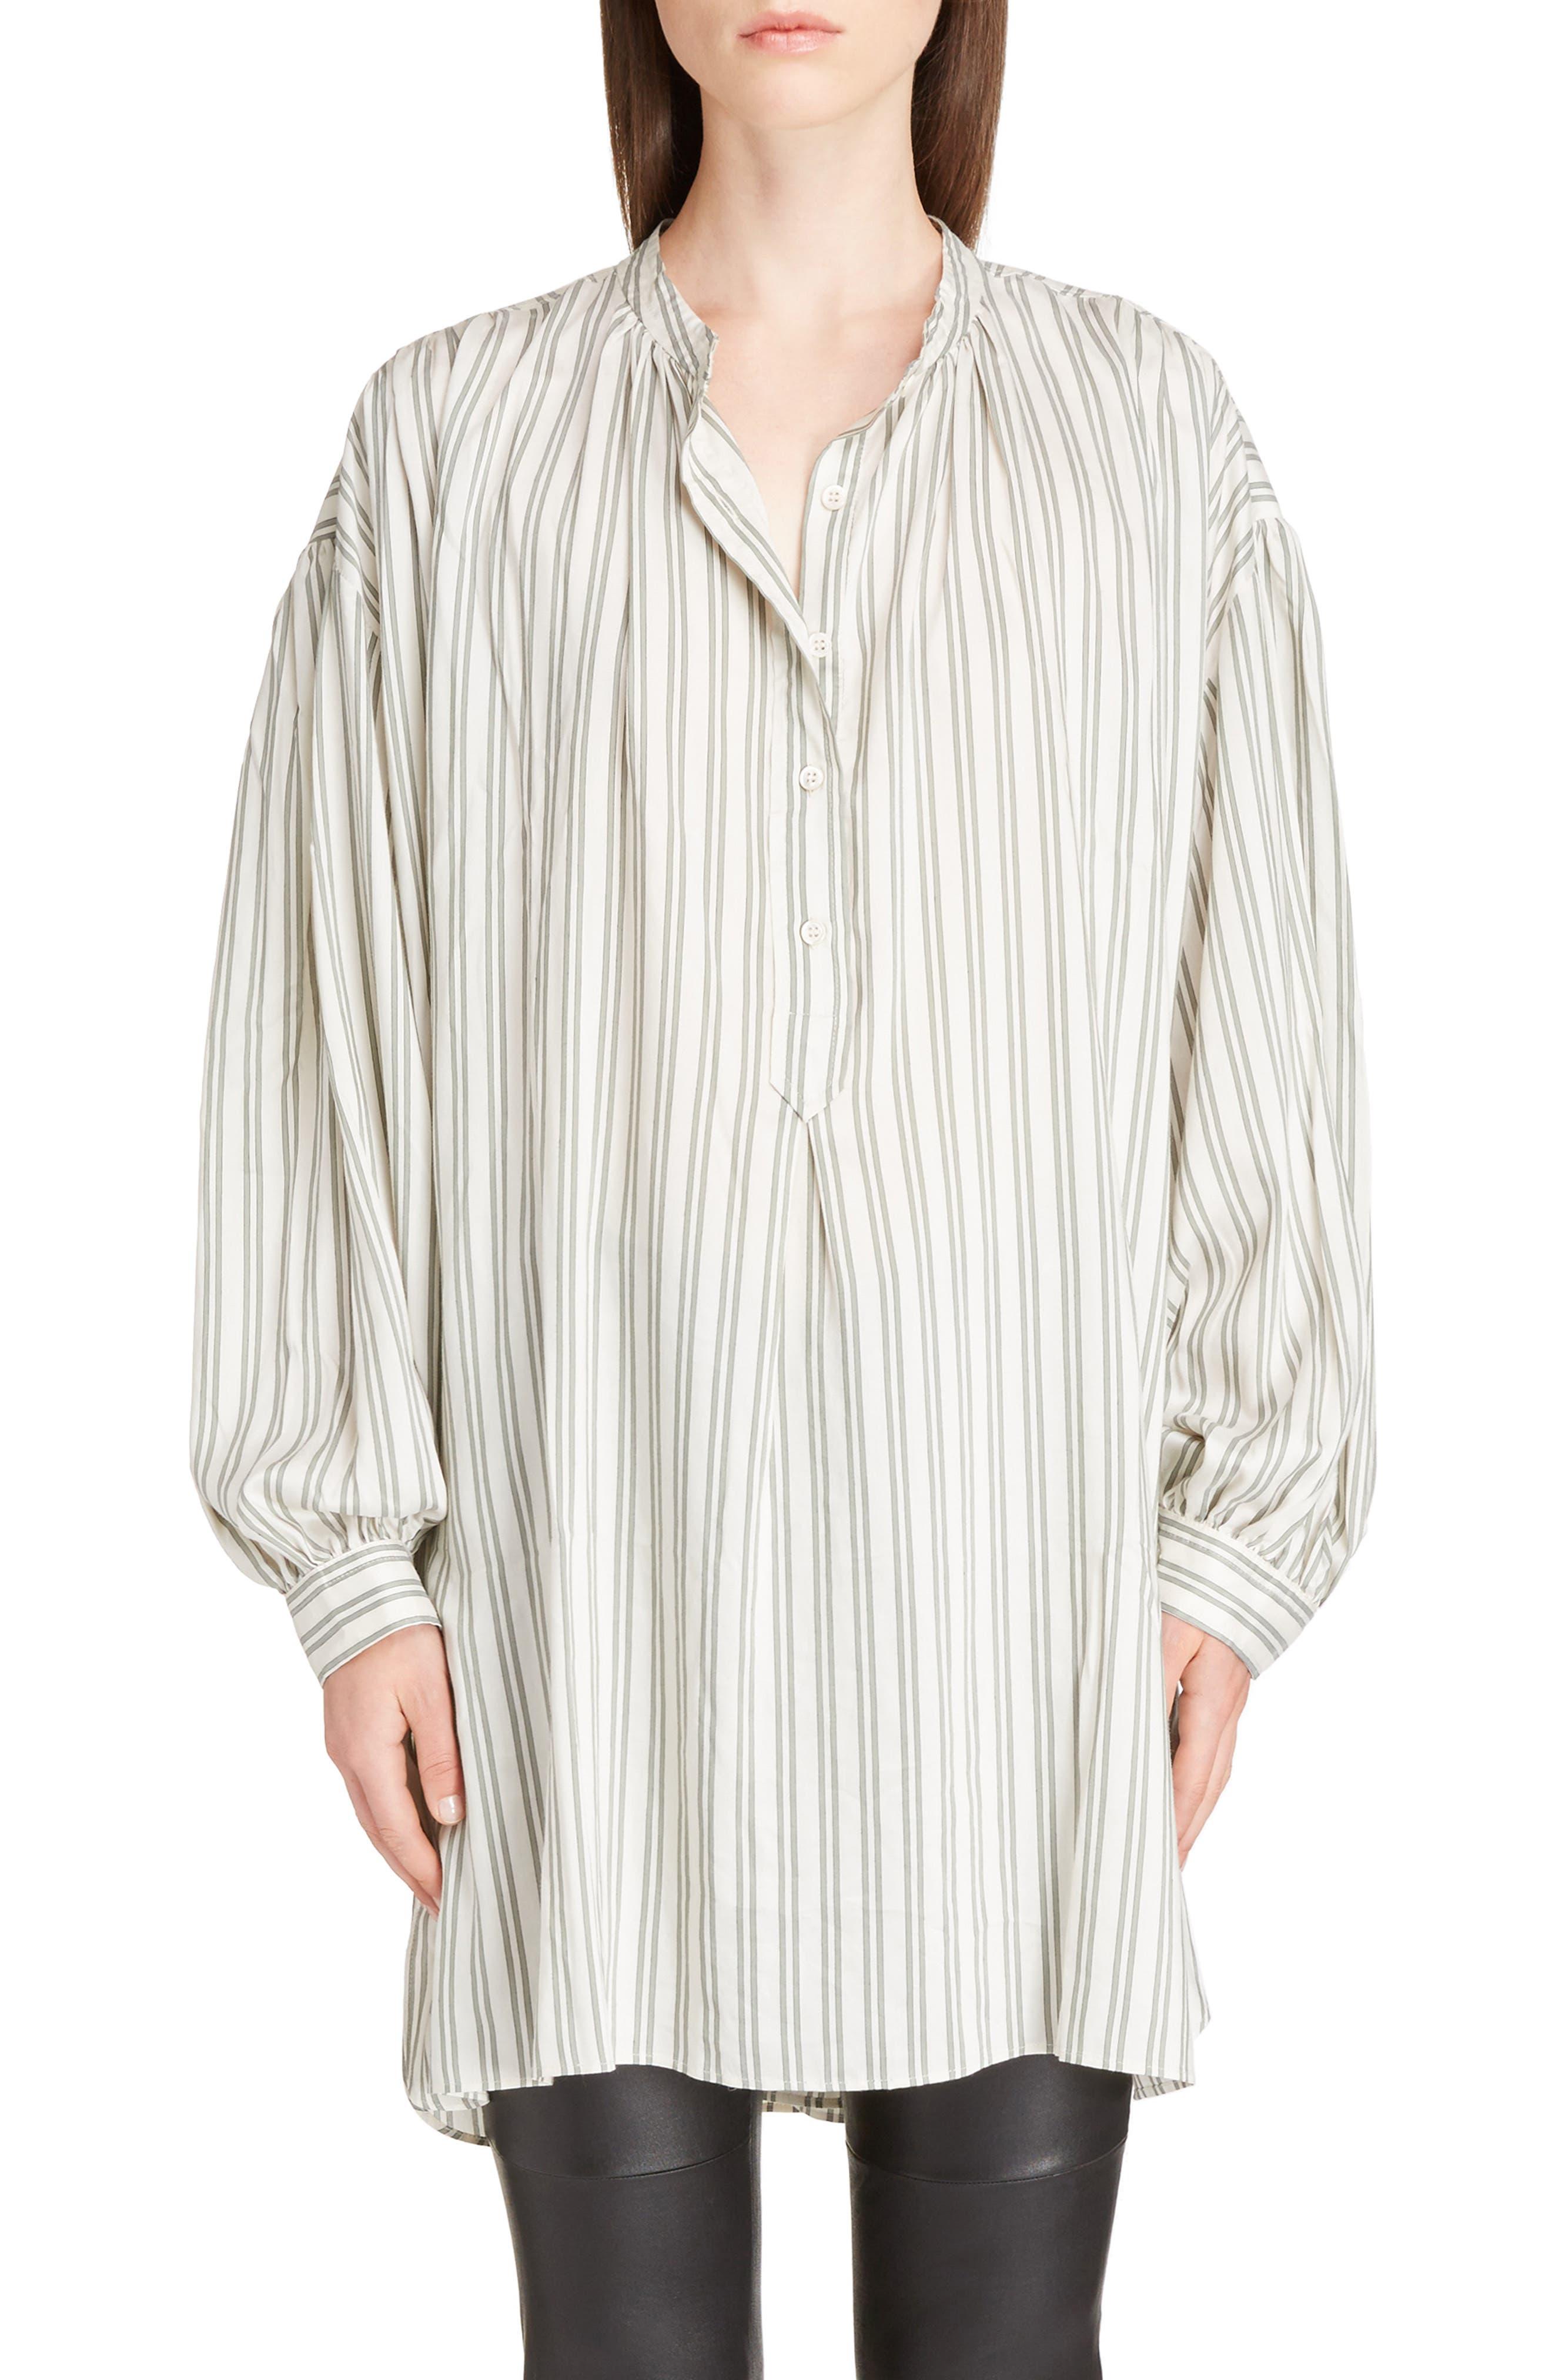 Idoa Stripe Tunic,                         Main,                         color, 100